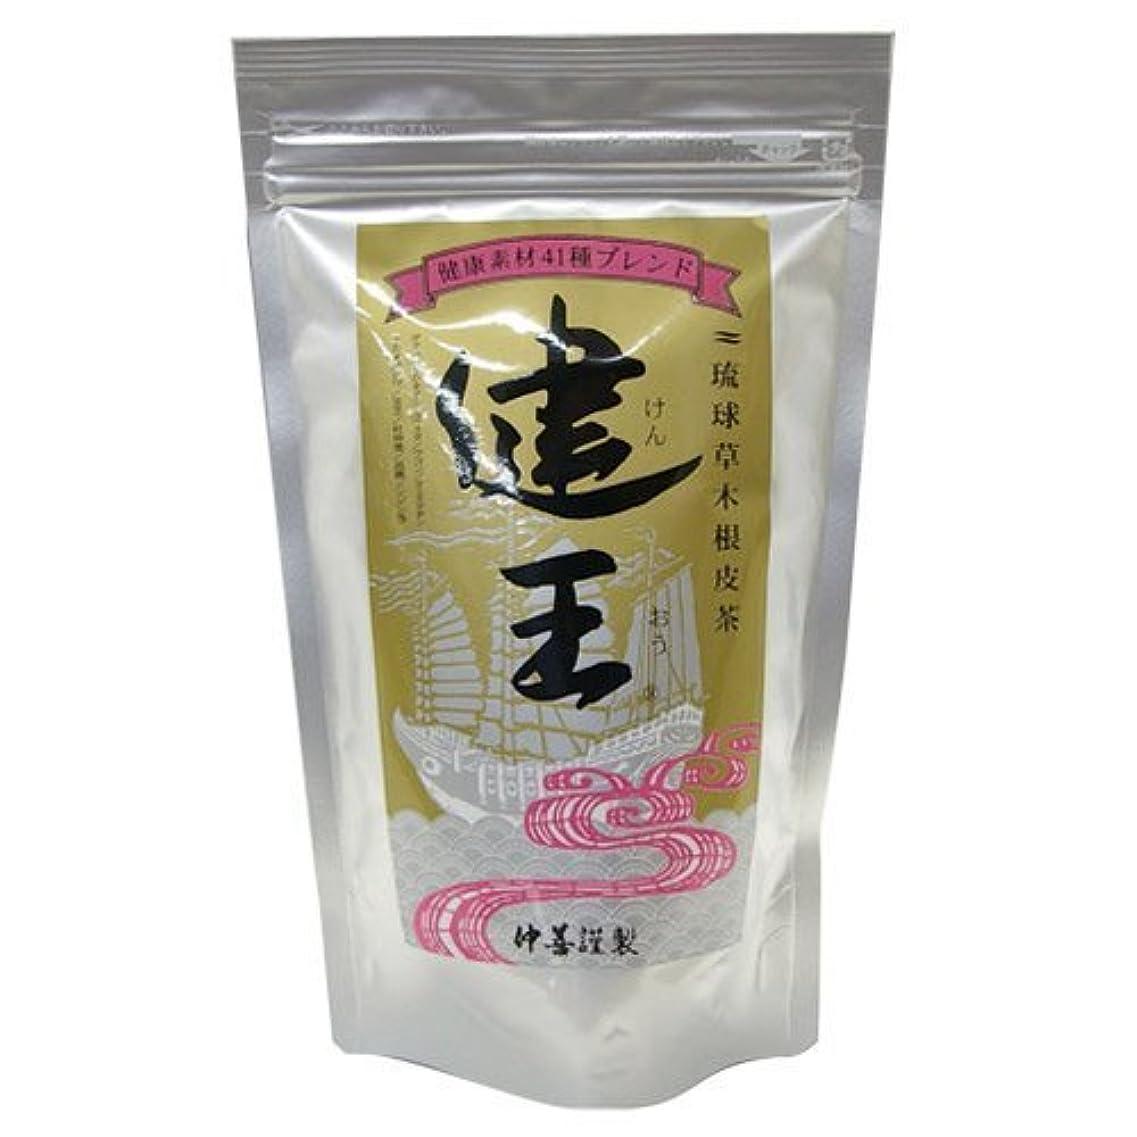 退屈展開するディンカルビル琉球草木根皮茶 健王 ティーバッグ 2g×30包